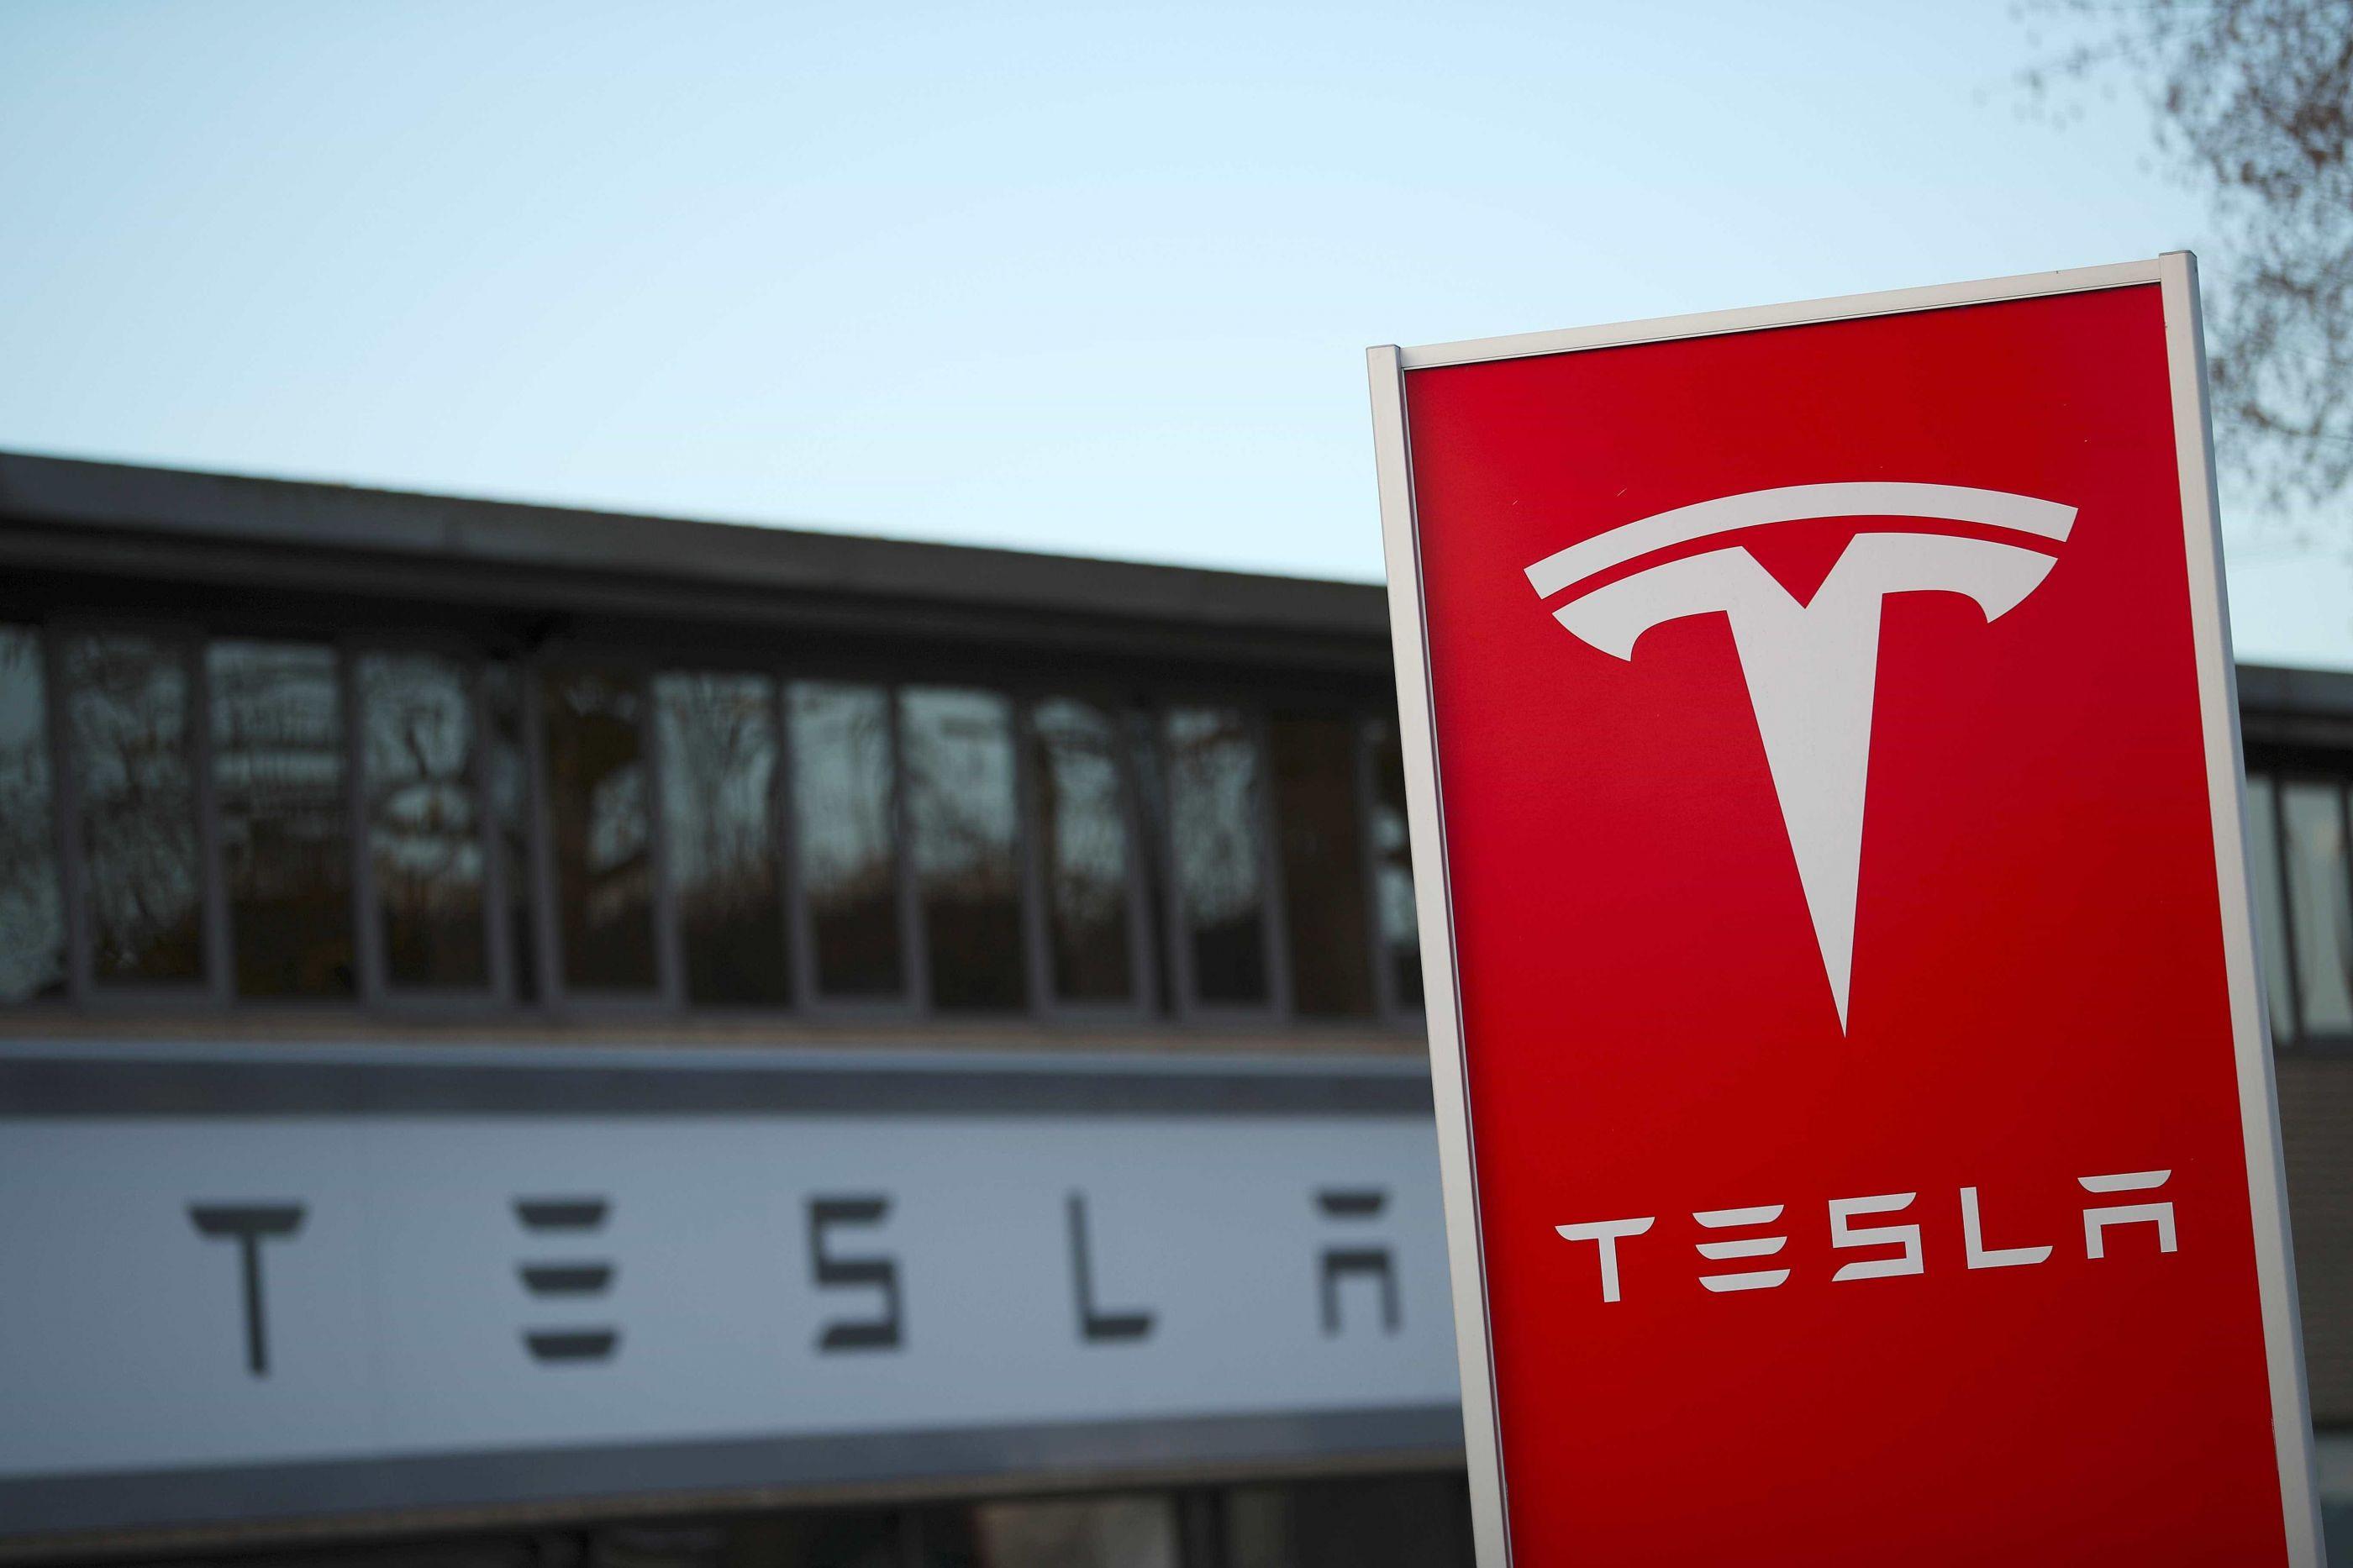 Afinal, a Tesla vai fechar menos lojas, mas os preços vão aumentar